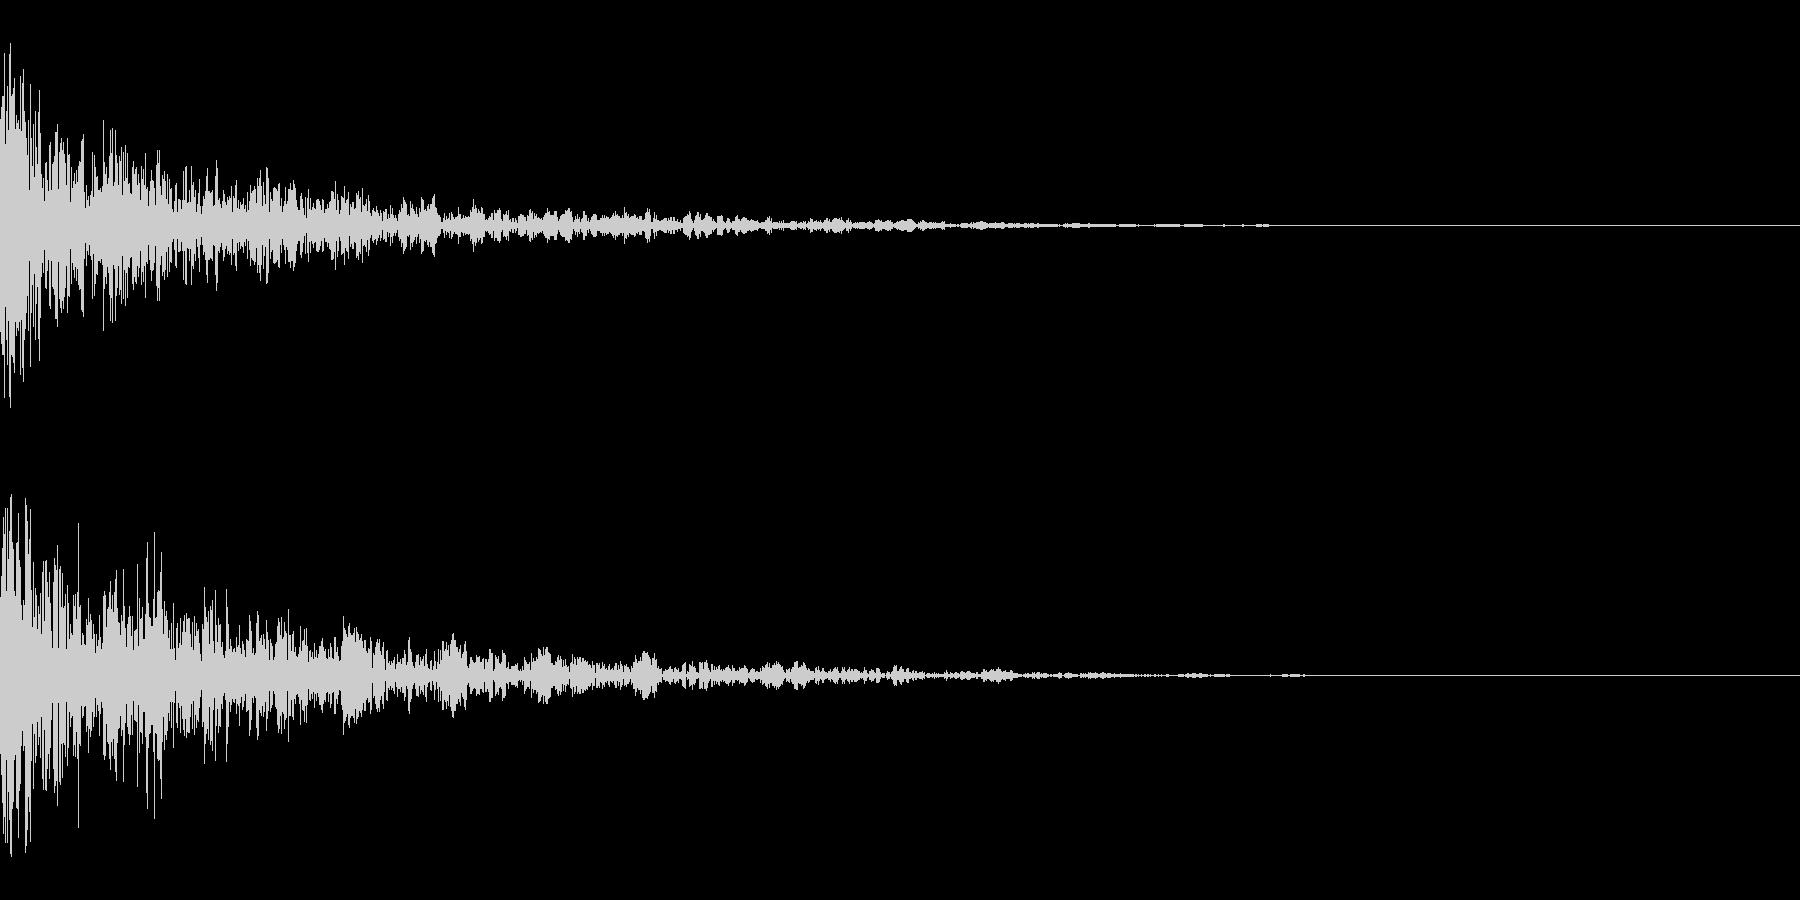 ドーン-36-2(インパクト音)の未再生の波形